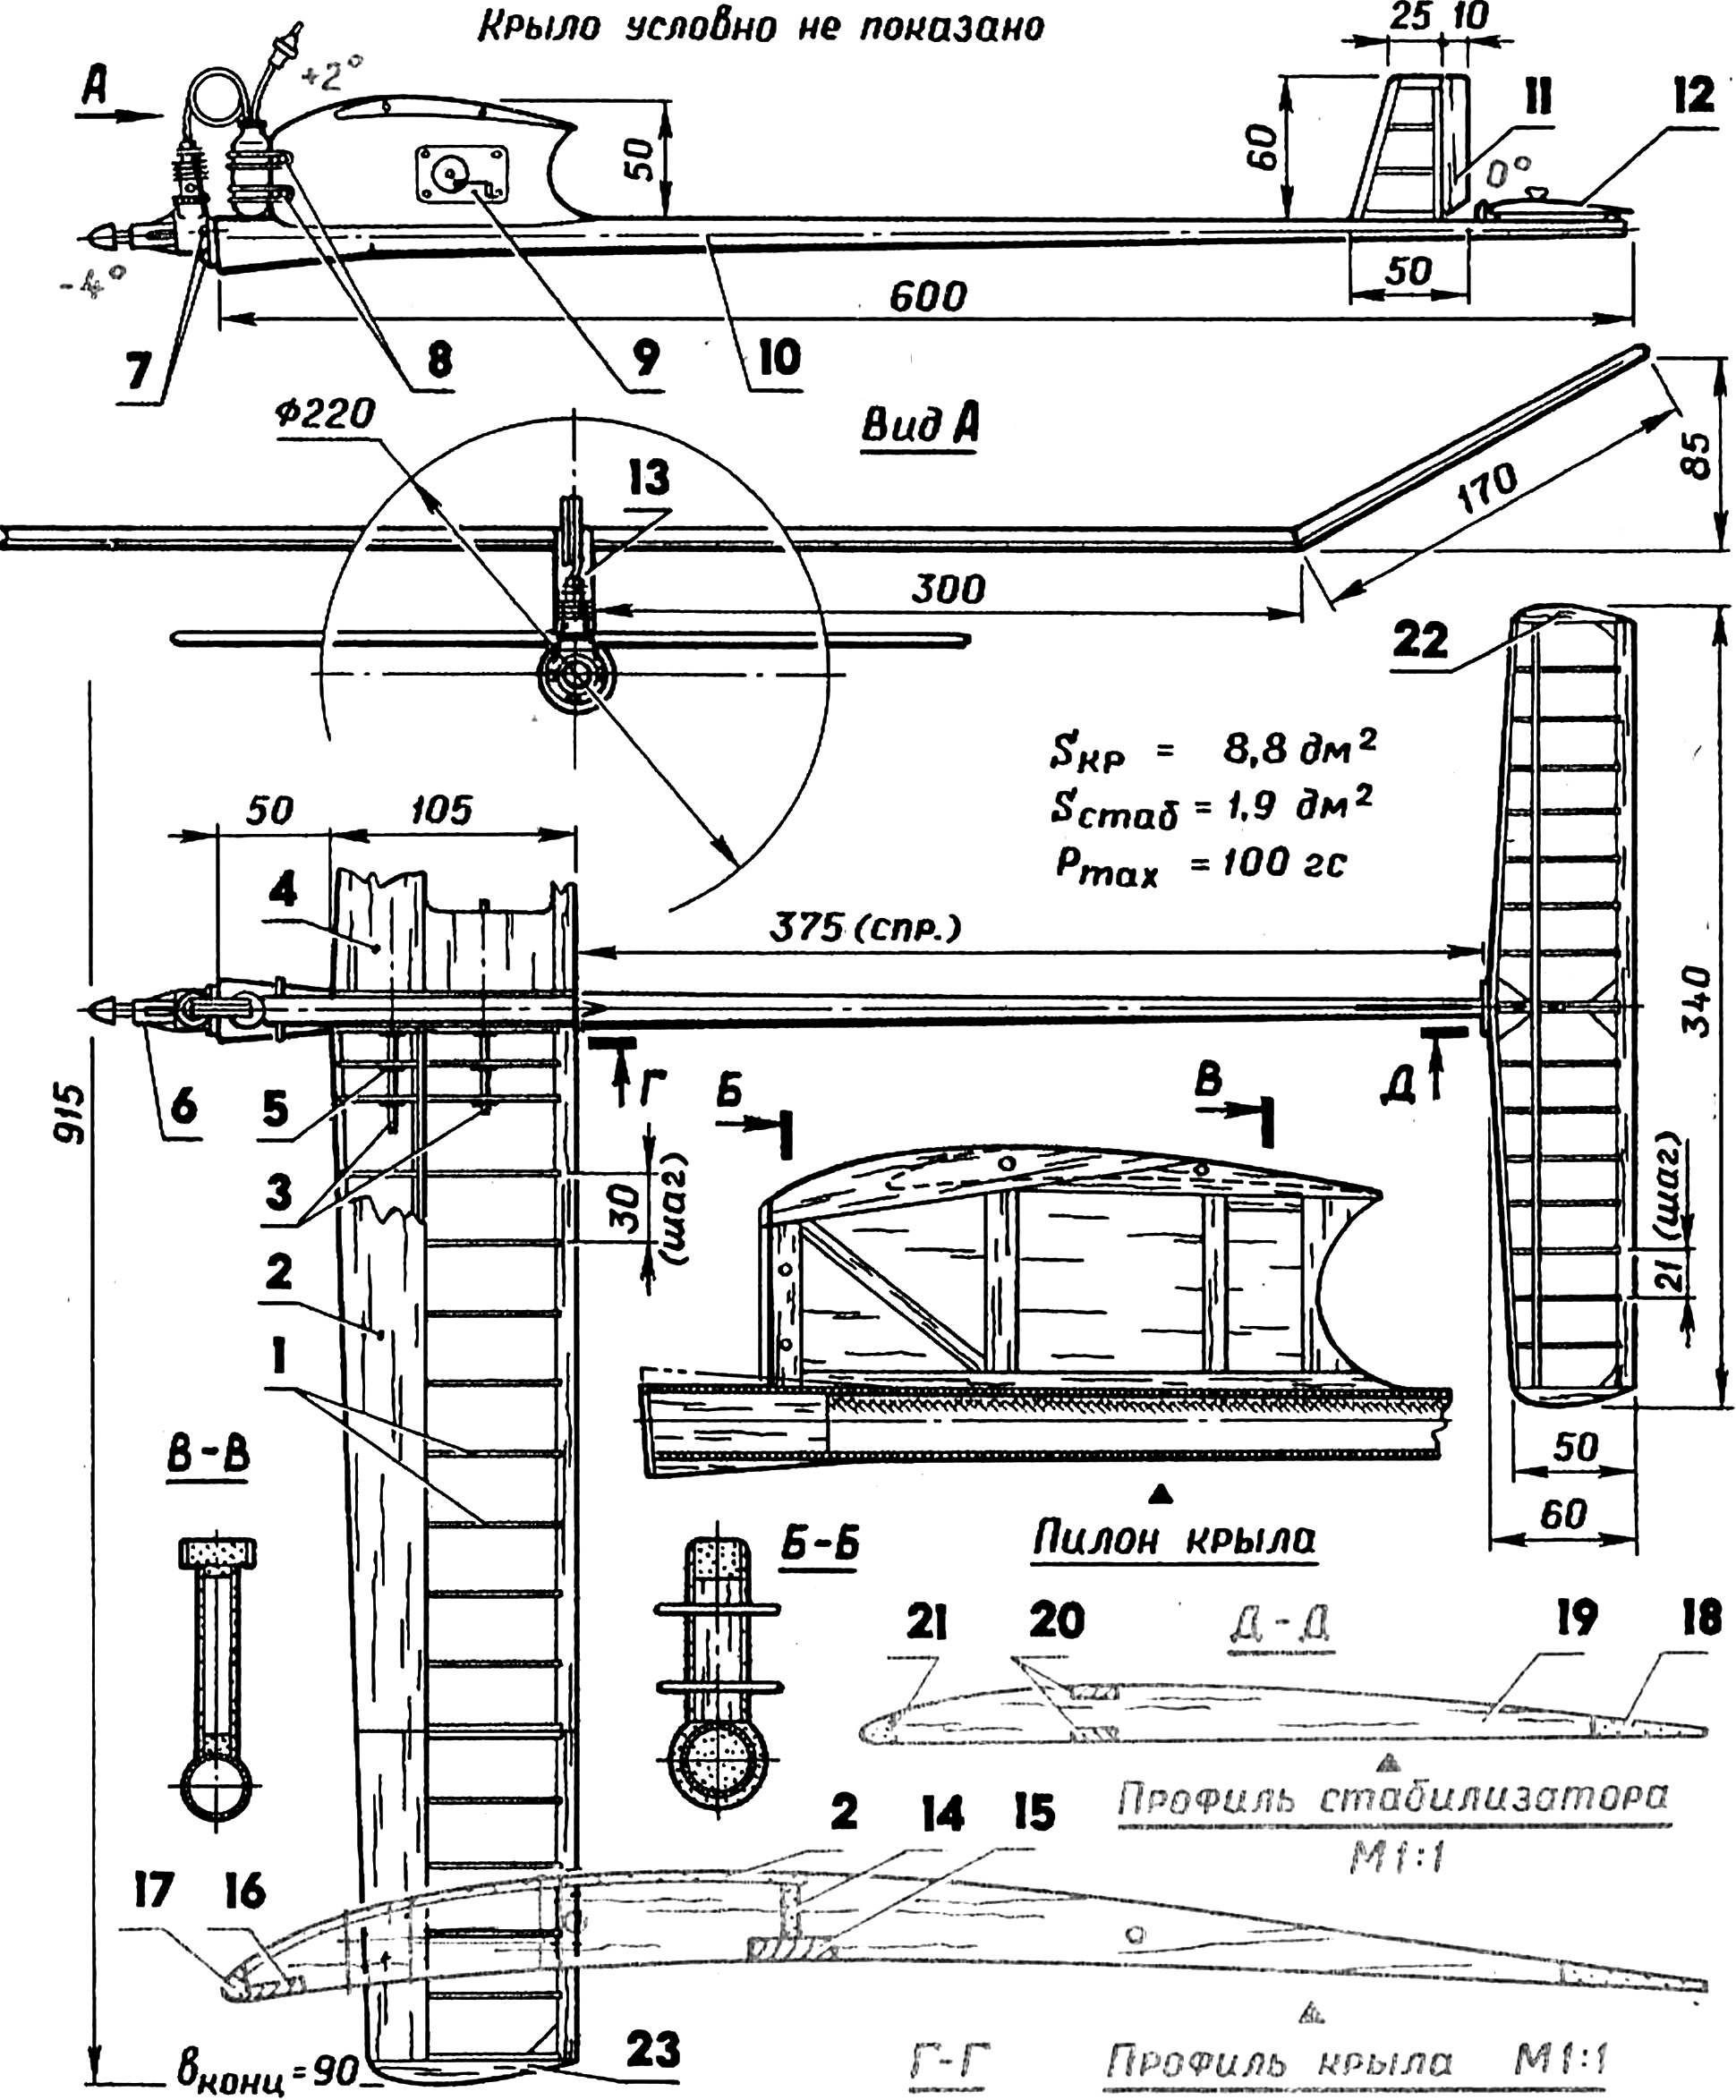 Таймерная модель с пневматическим двигателем.